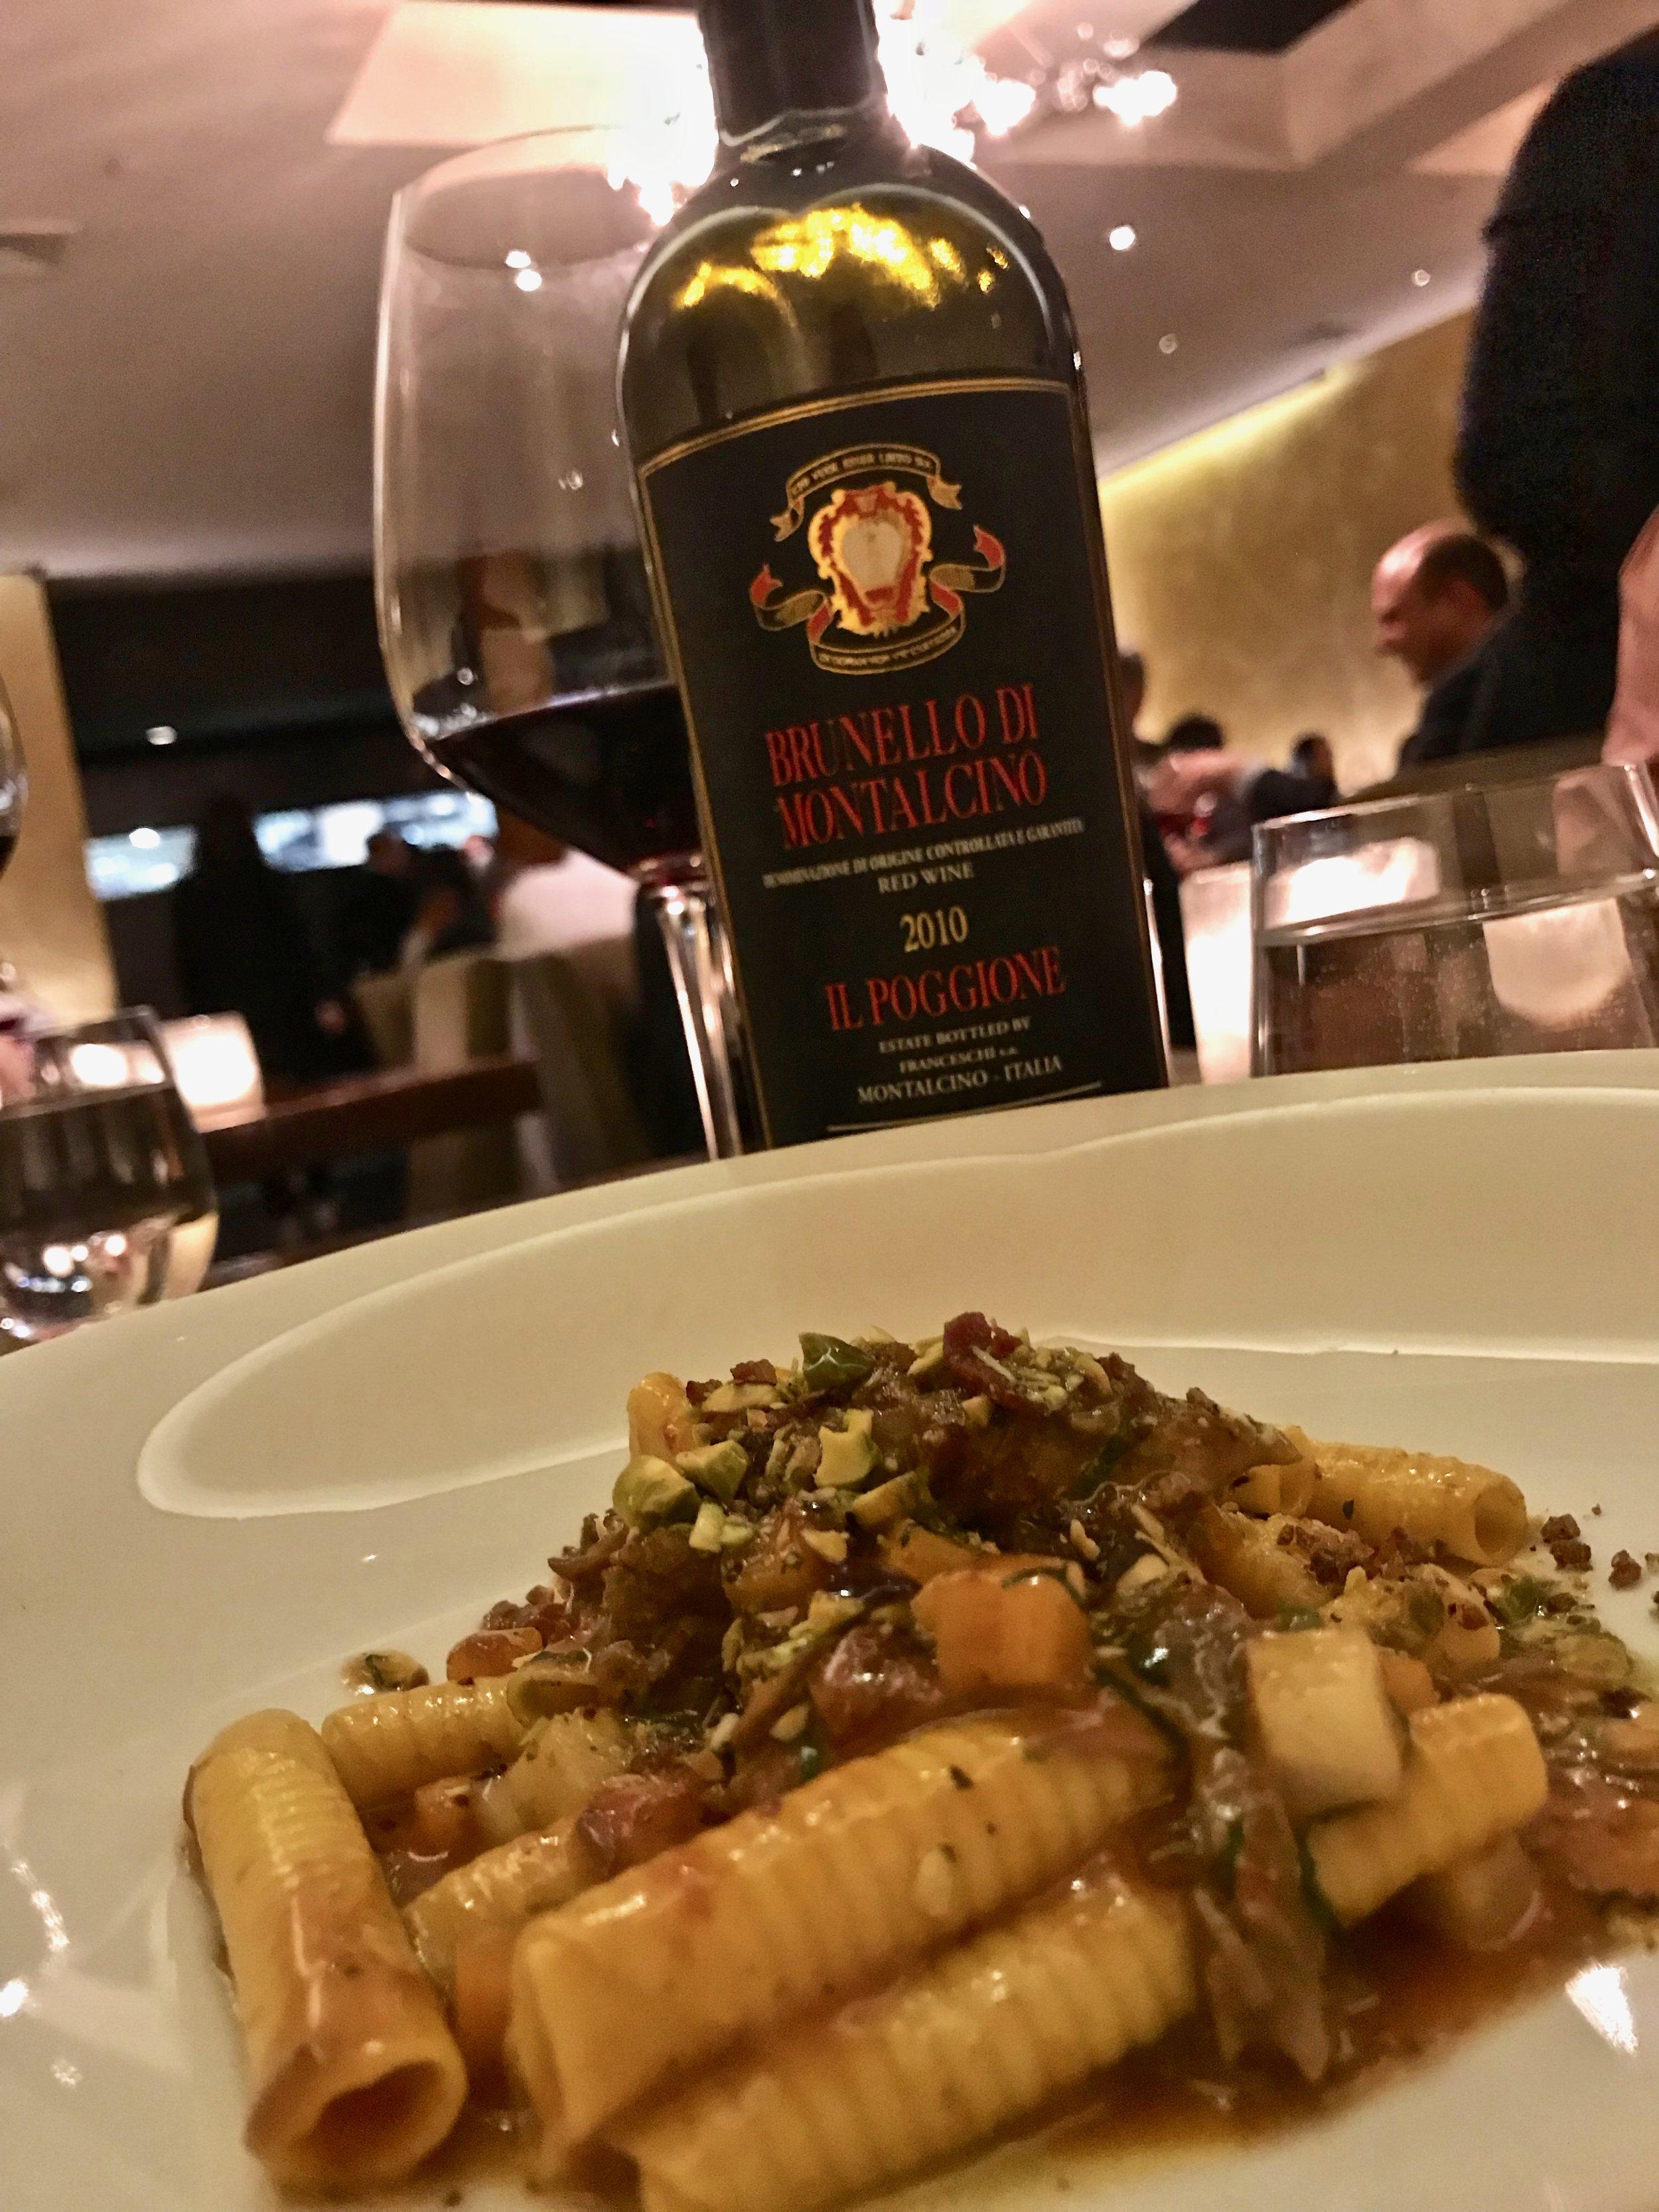 Pasta with a delicous Il Poggione 2010 Brunello at Bâtard.